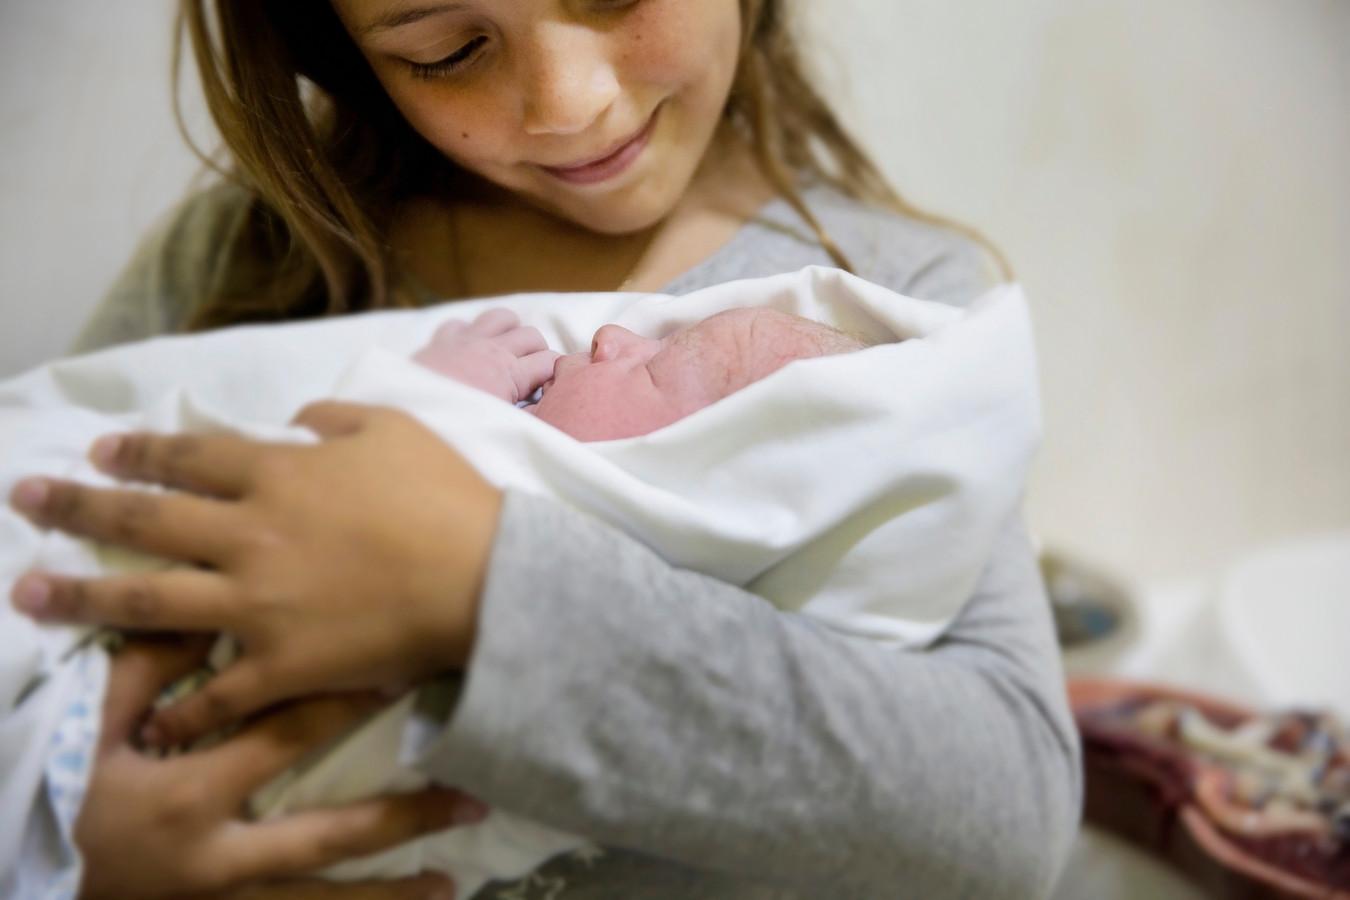 Een trotse zus houdt haar pasgeboren broertje vast.